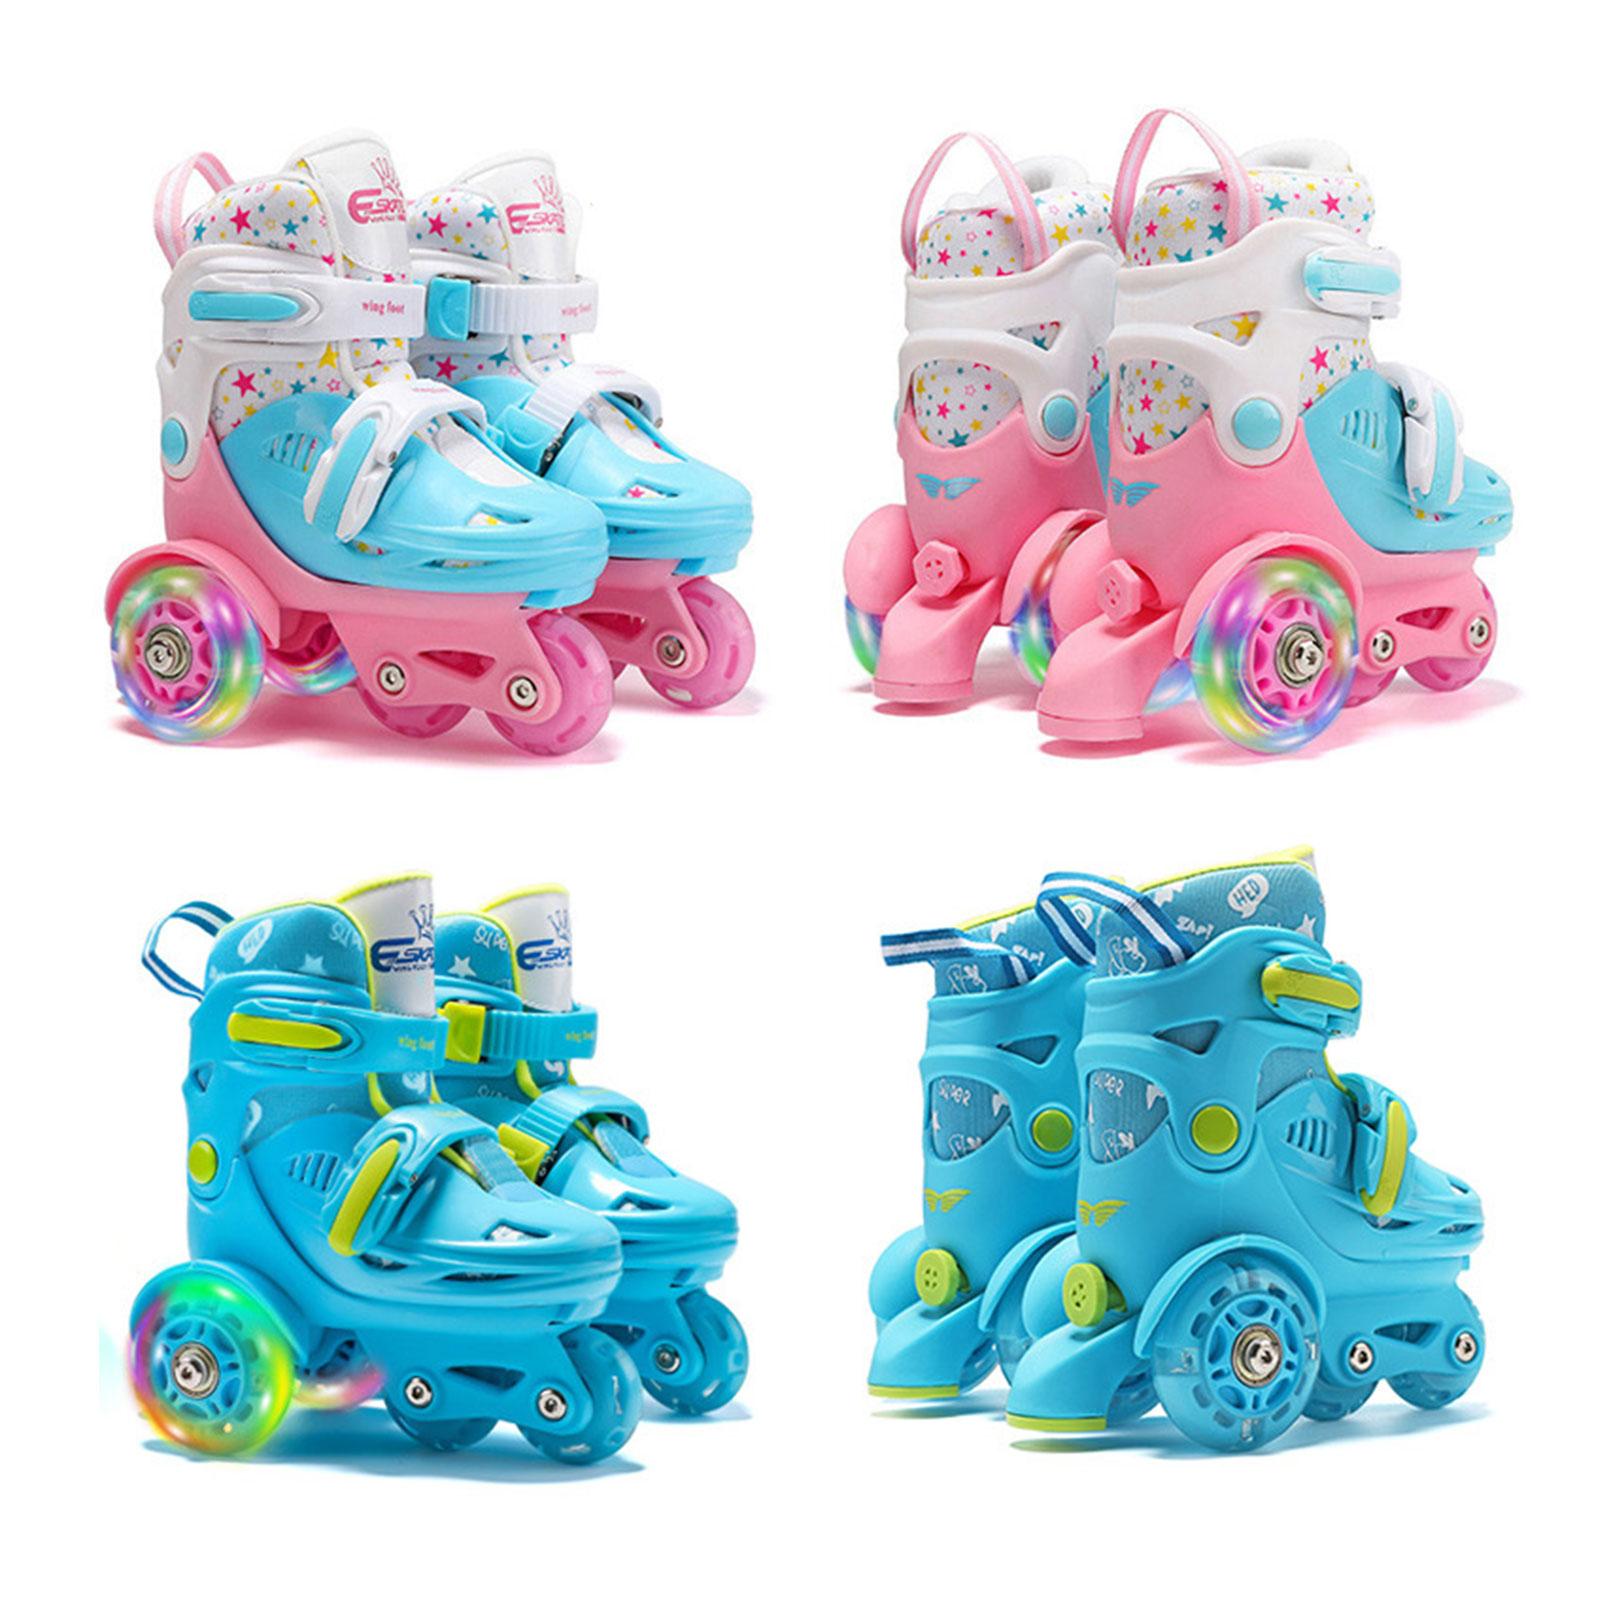 Регулируемые роликовые коньки, Эластичные полиуретановые роликовые колеса, двухрядные роликовые коньки для детей 2-8 лет, обувь для роликов